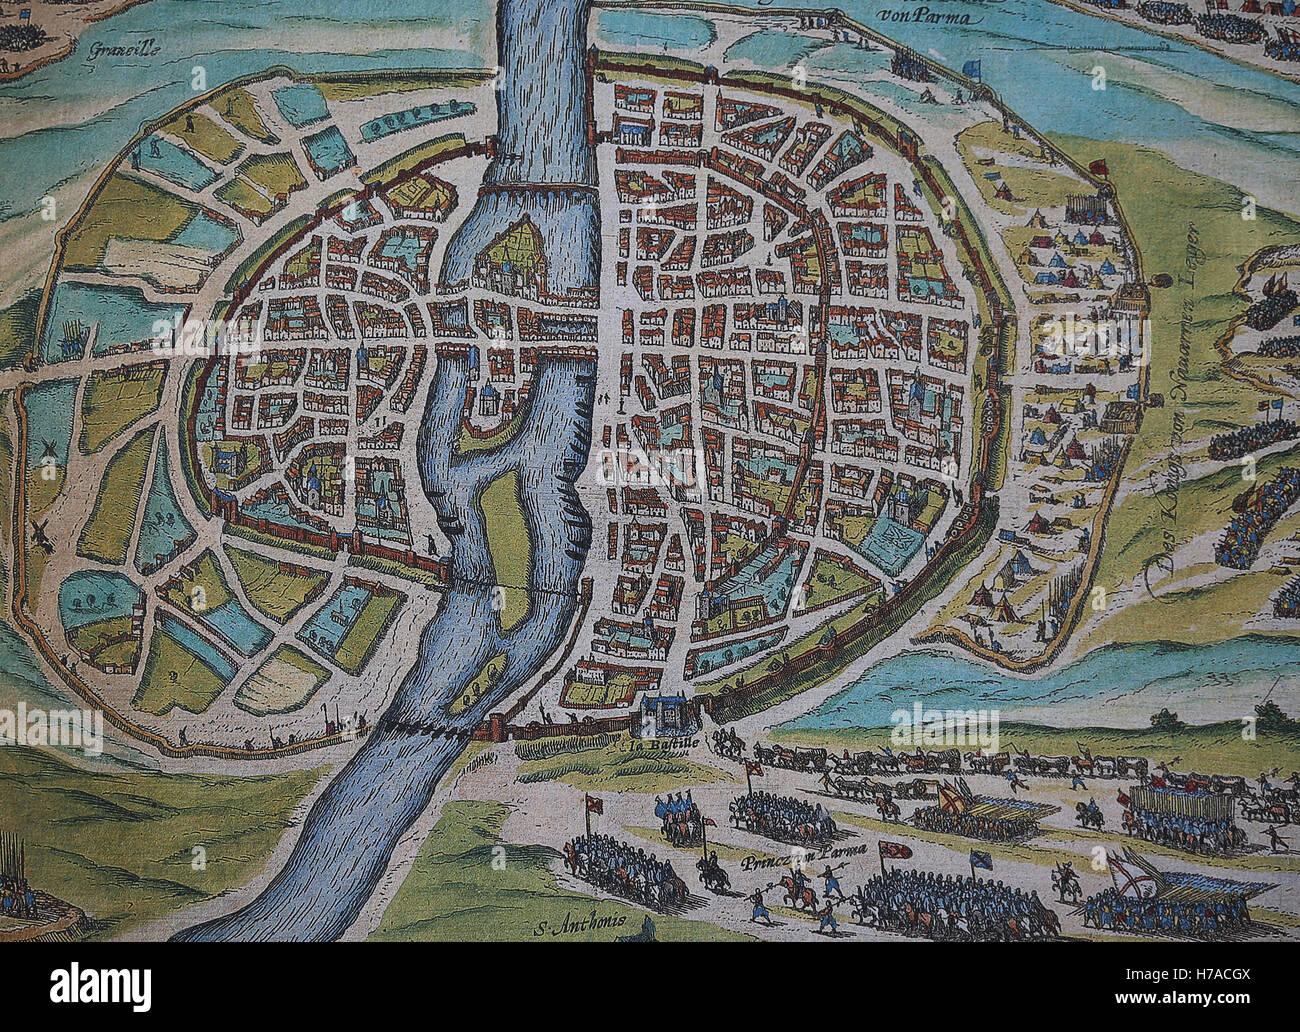 Guerres de Religion en France. Le siège de Paris par Henri IV, août 1590. Photo Stock